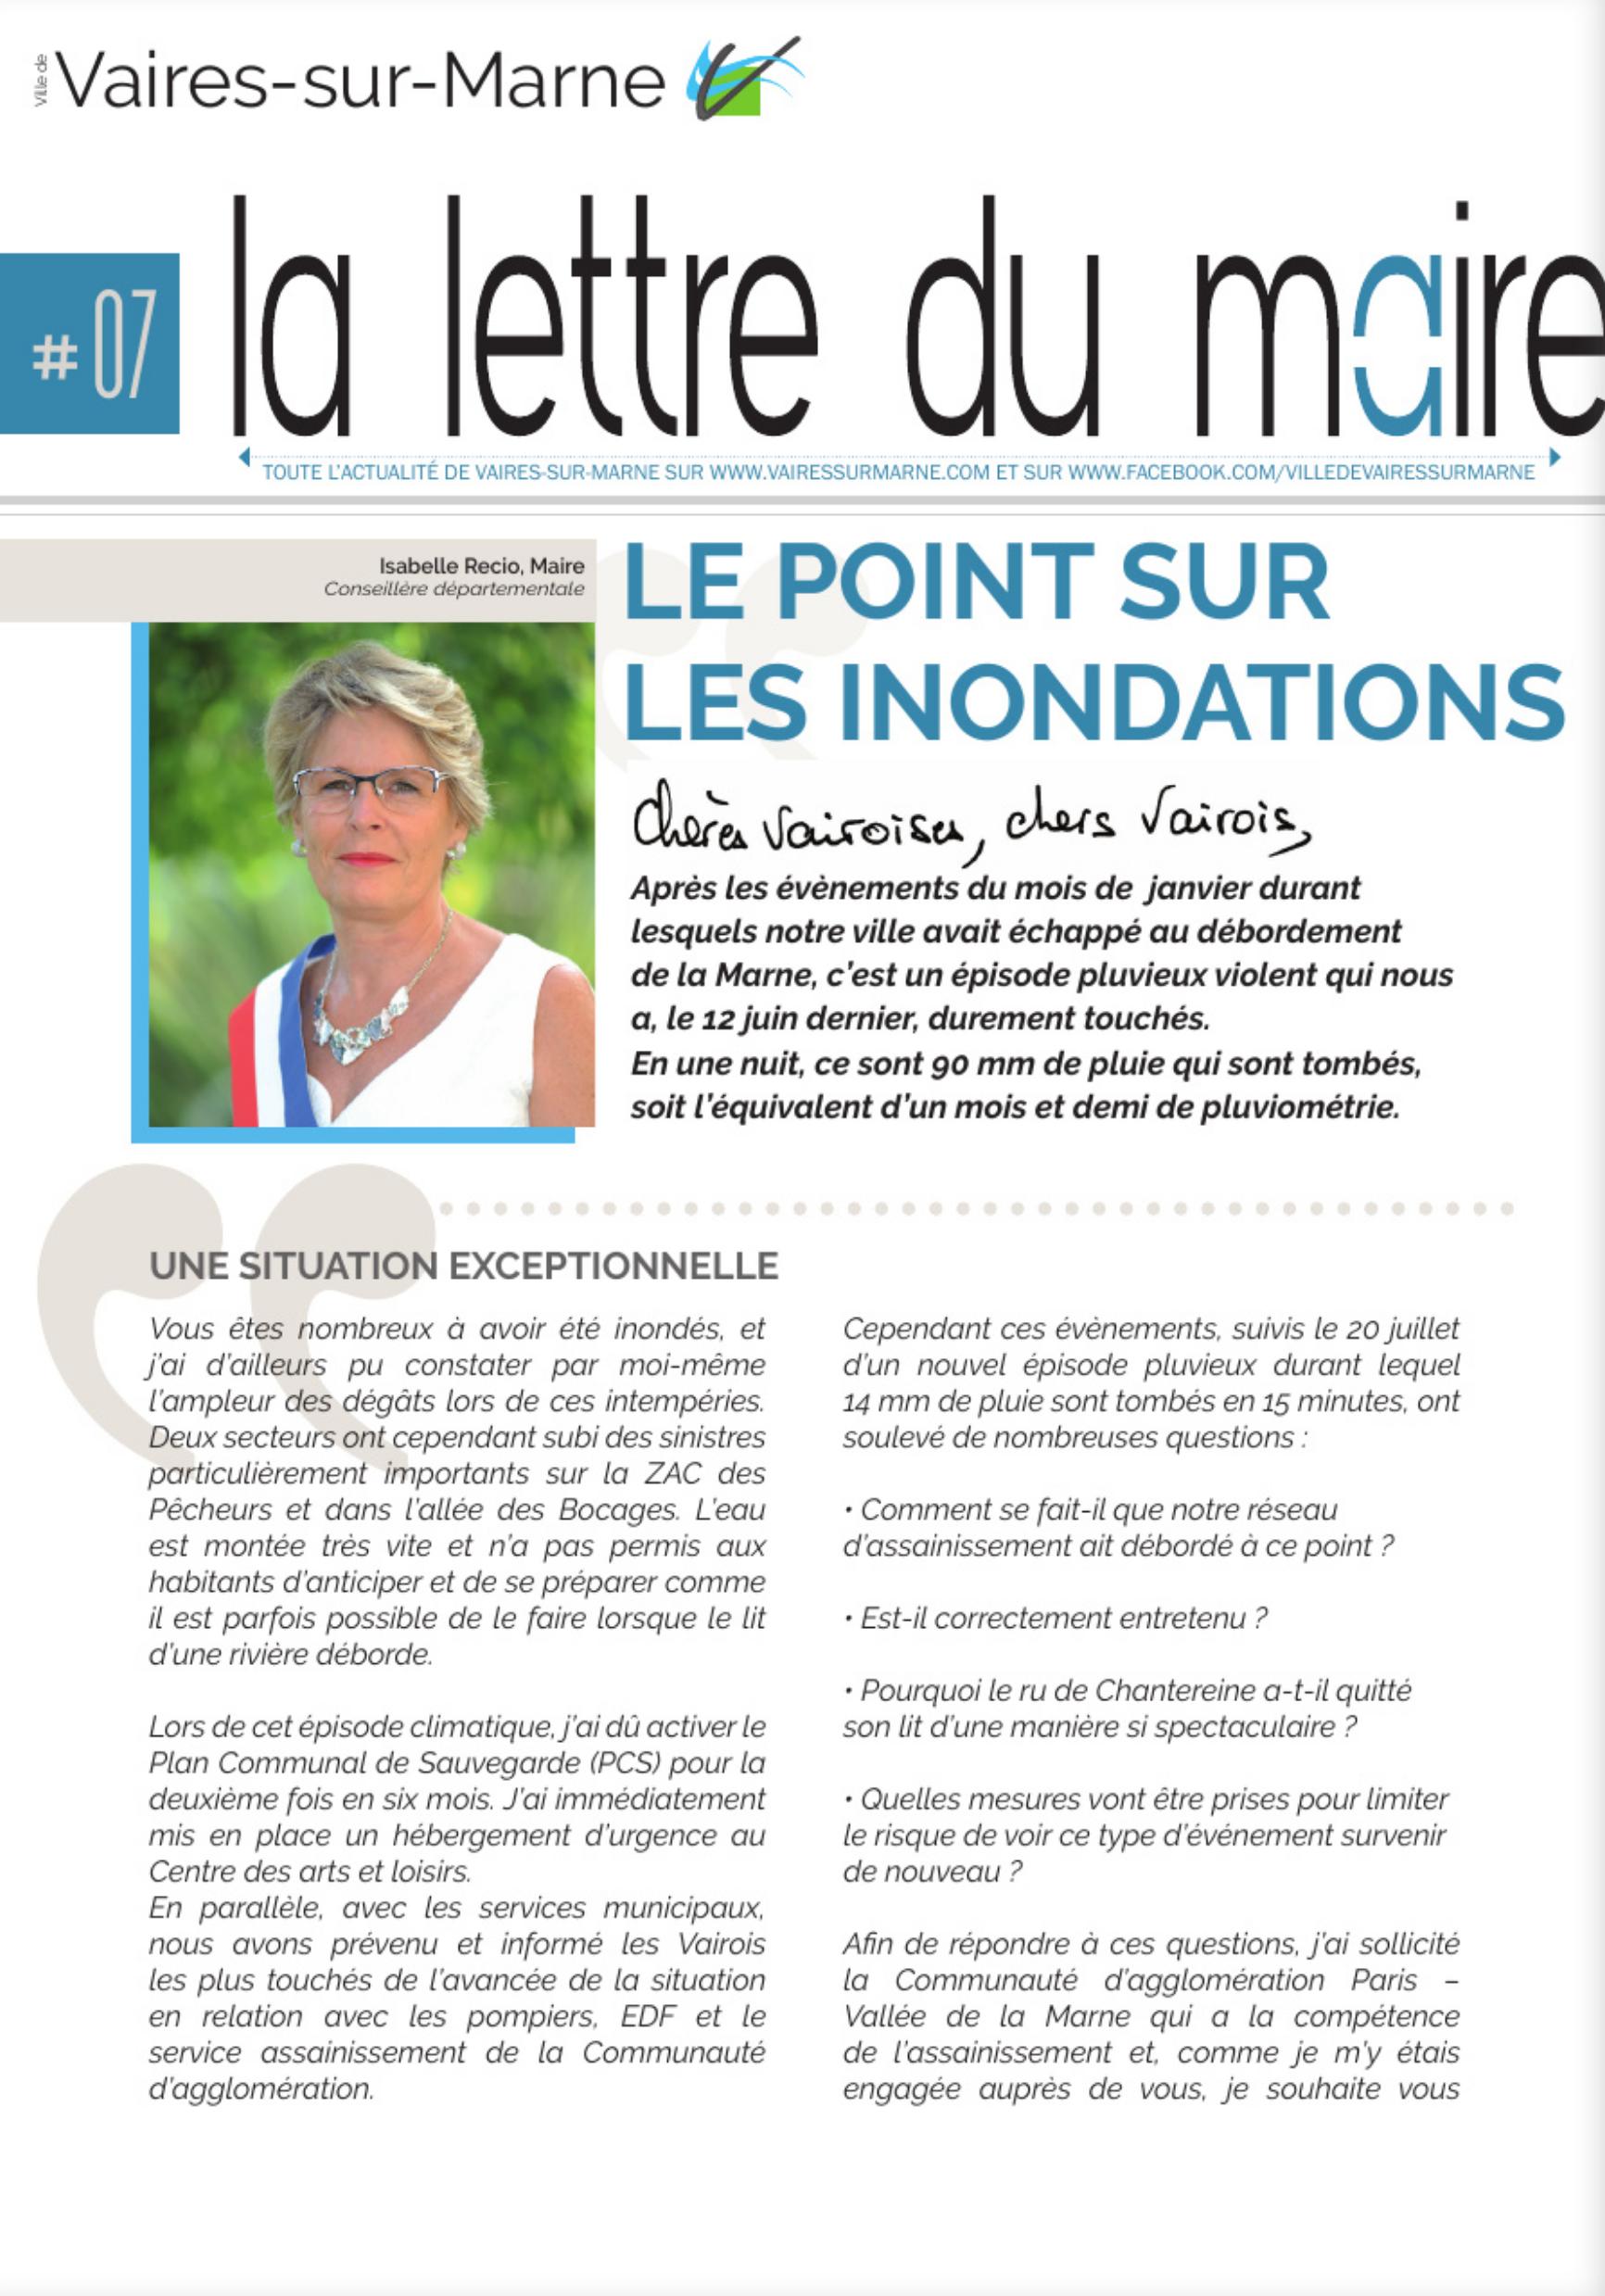 La lettre du Maire #7 - Inondations